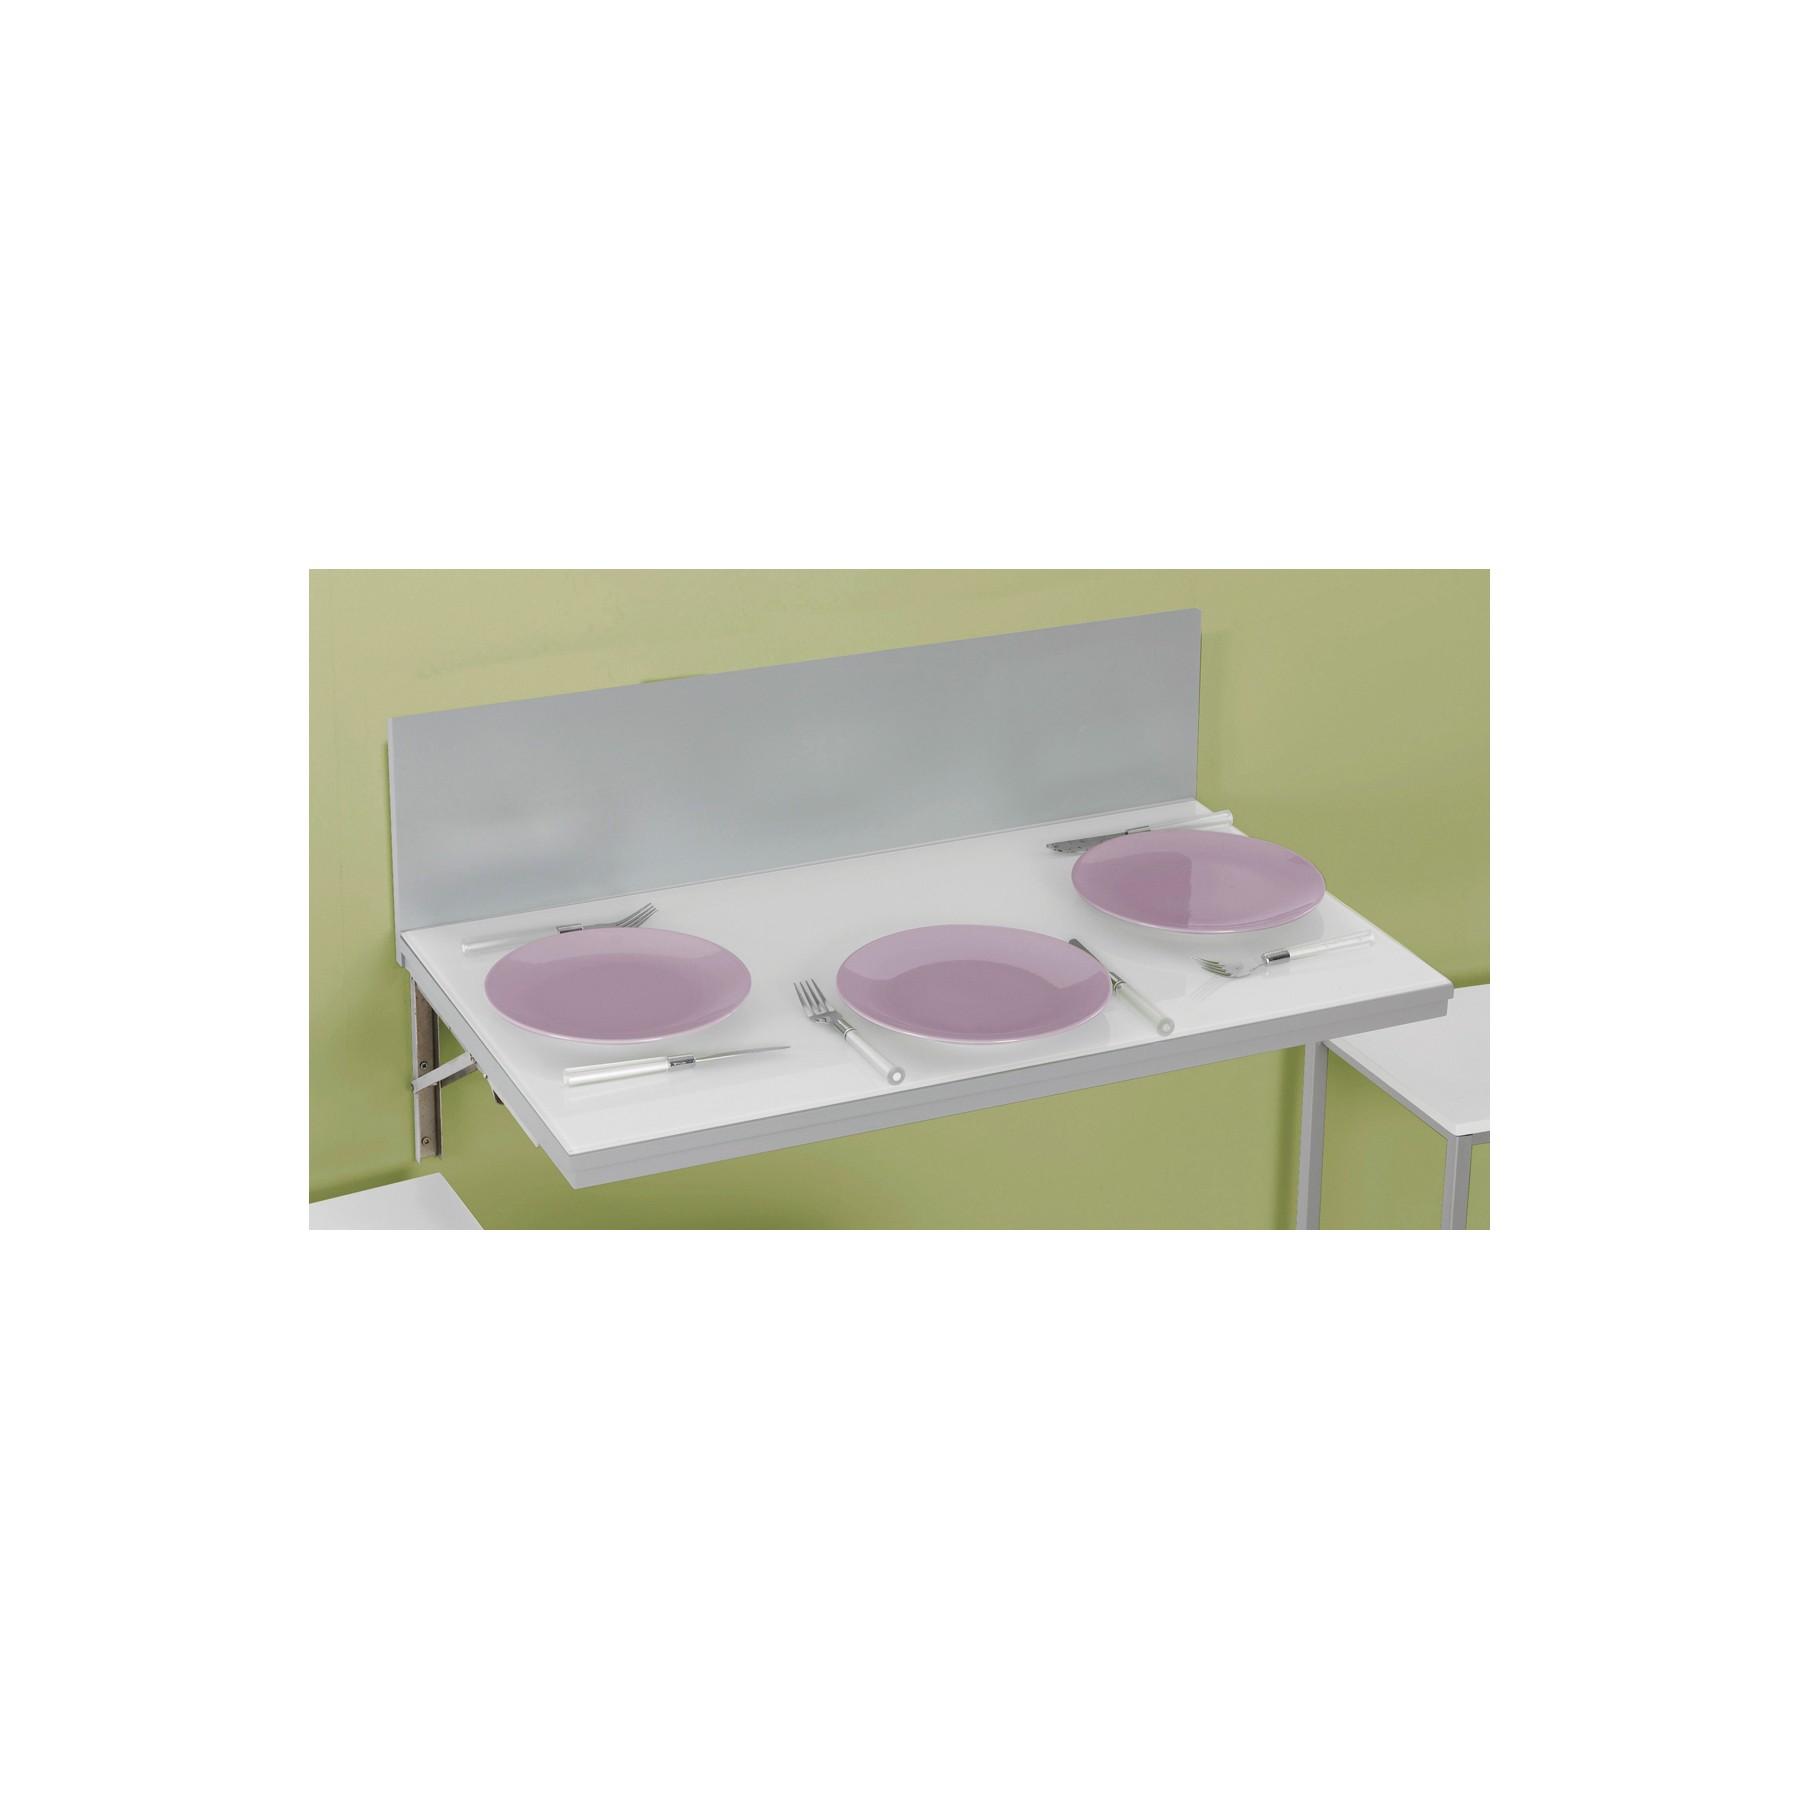 Conjunto de mesa de cocina de pared abatible y taburetes cocina Alpes